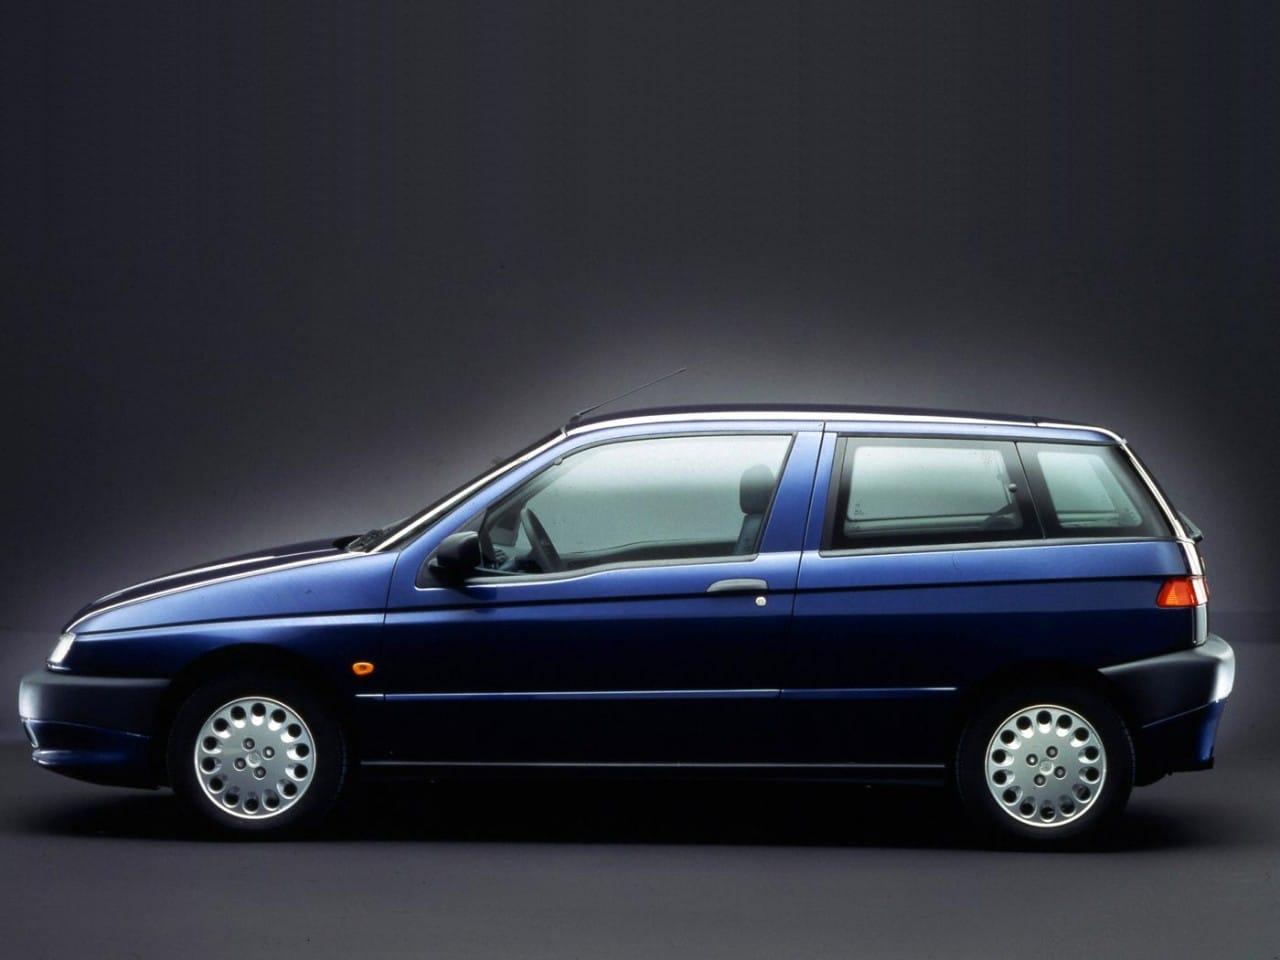 b86681164e Bollo auto storiche. Nessuna esenzione in Campania. Chiudi. Previous. 1 /  2Condividi